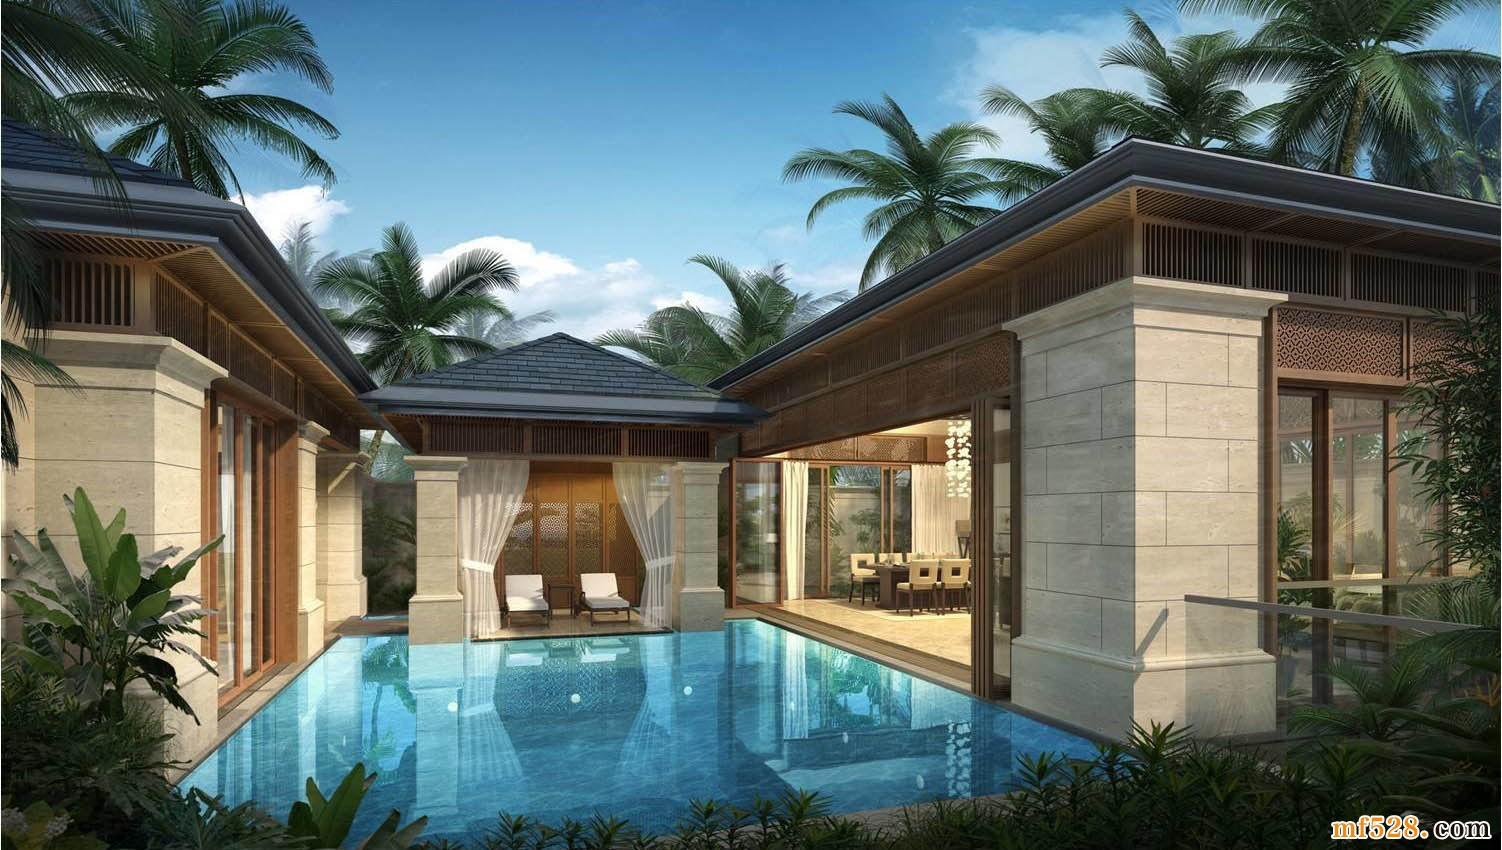 葛洲坝海棠福湾别墅 在售总价约1200万/套起